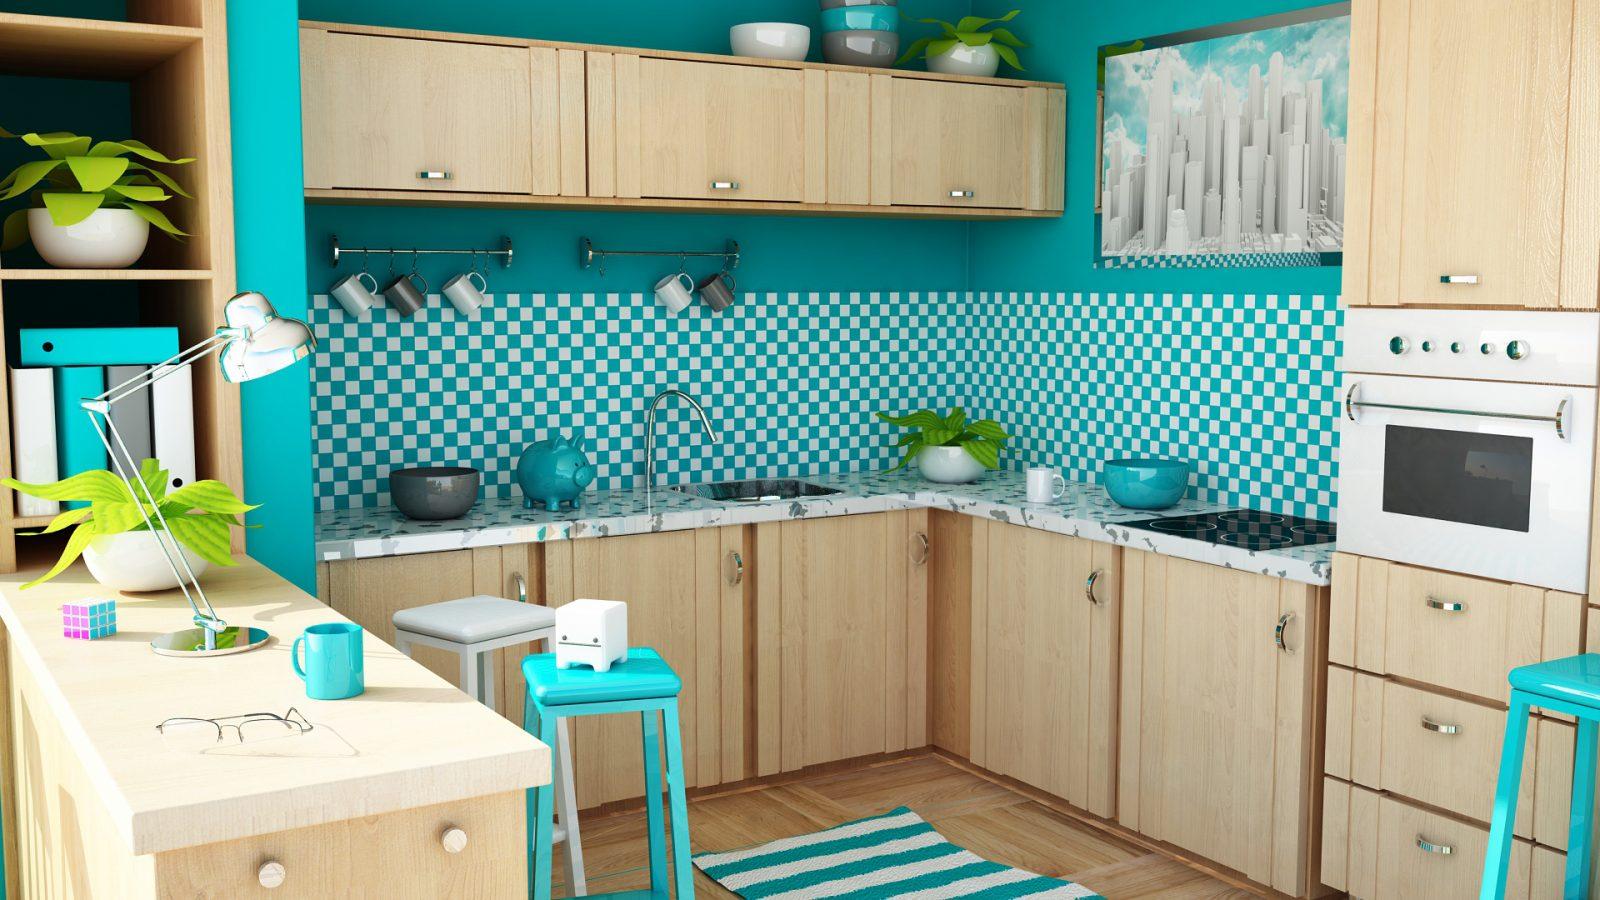 Papel Pintado De Azulejos Im Genes Y Fotos ~ Decorar Muebles Con Papel Pintado